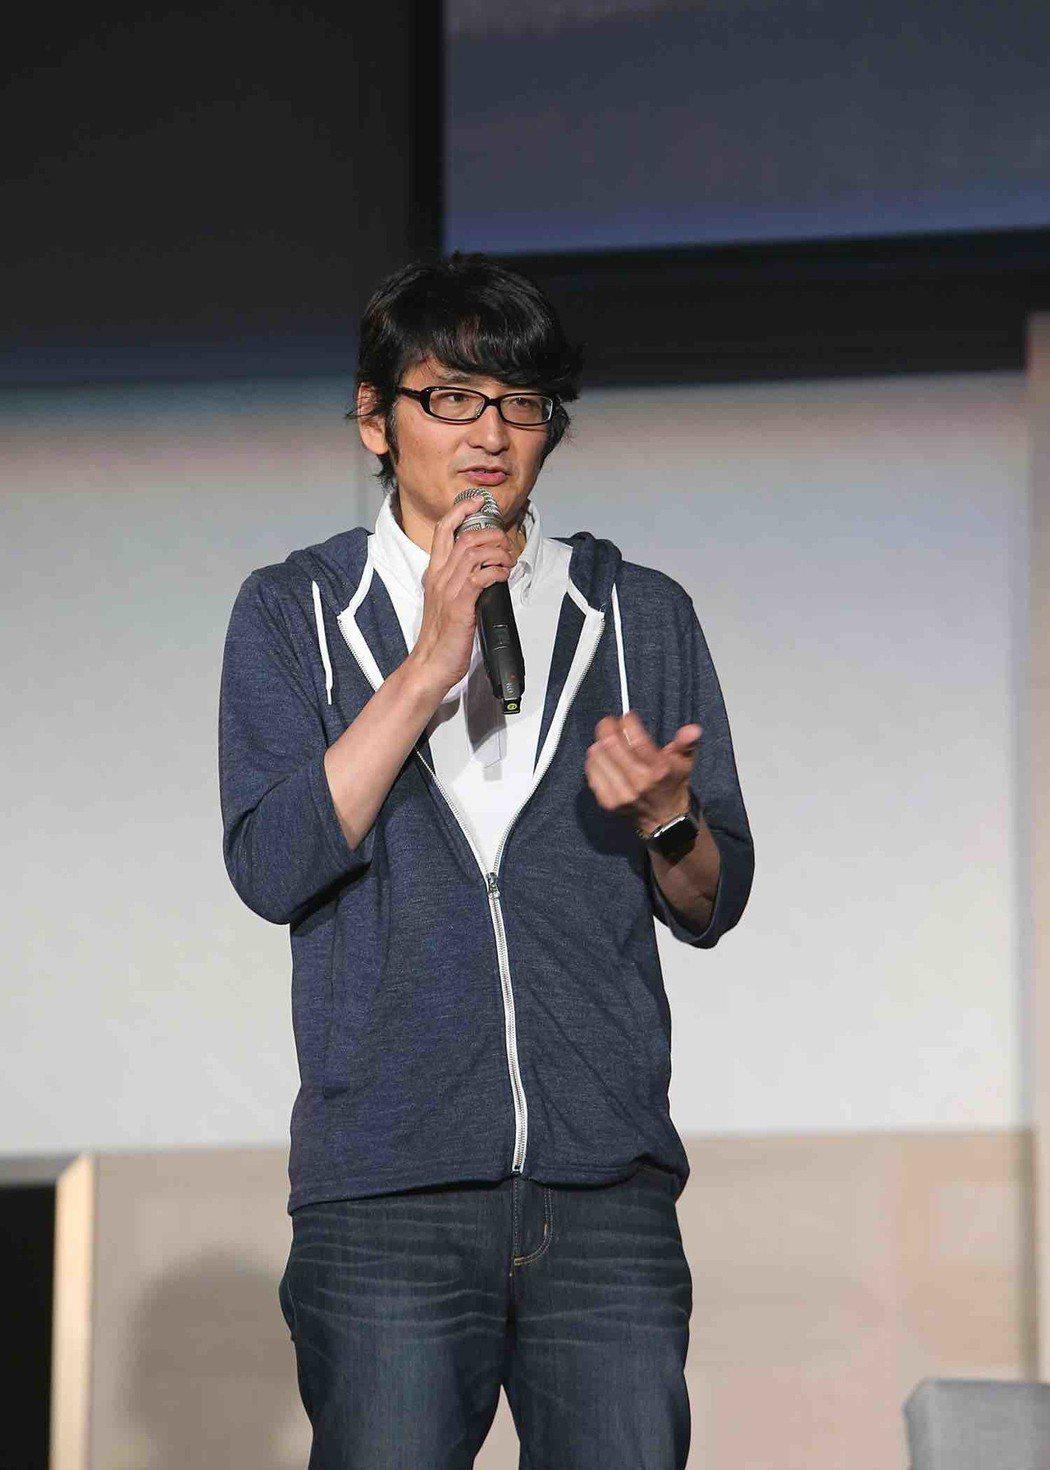 精通中英日三種語言的田中章雄,有著精準投資眼光與時尚潮男外型。 IVP/提供